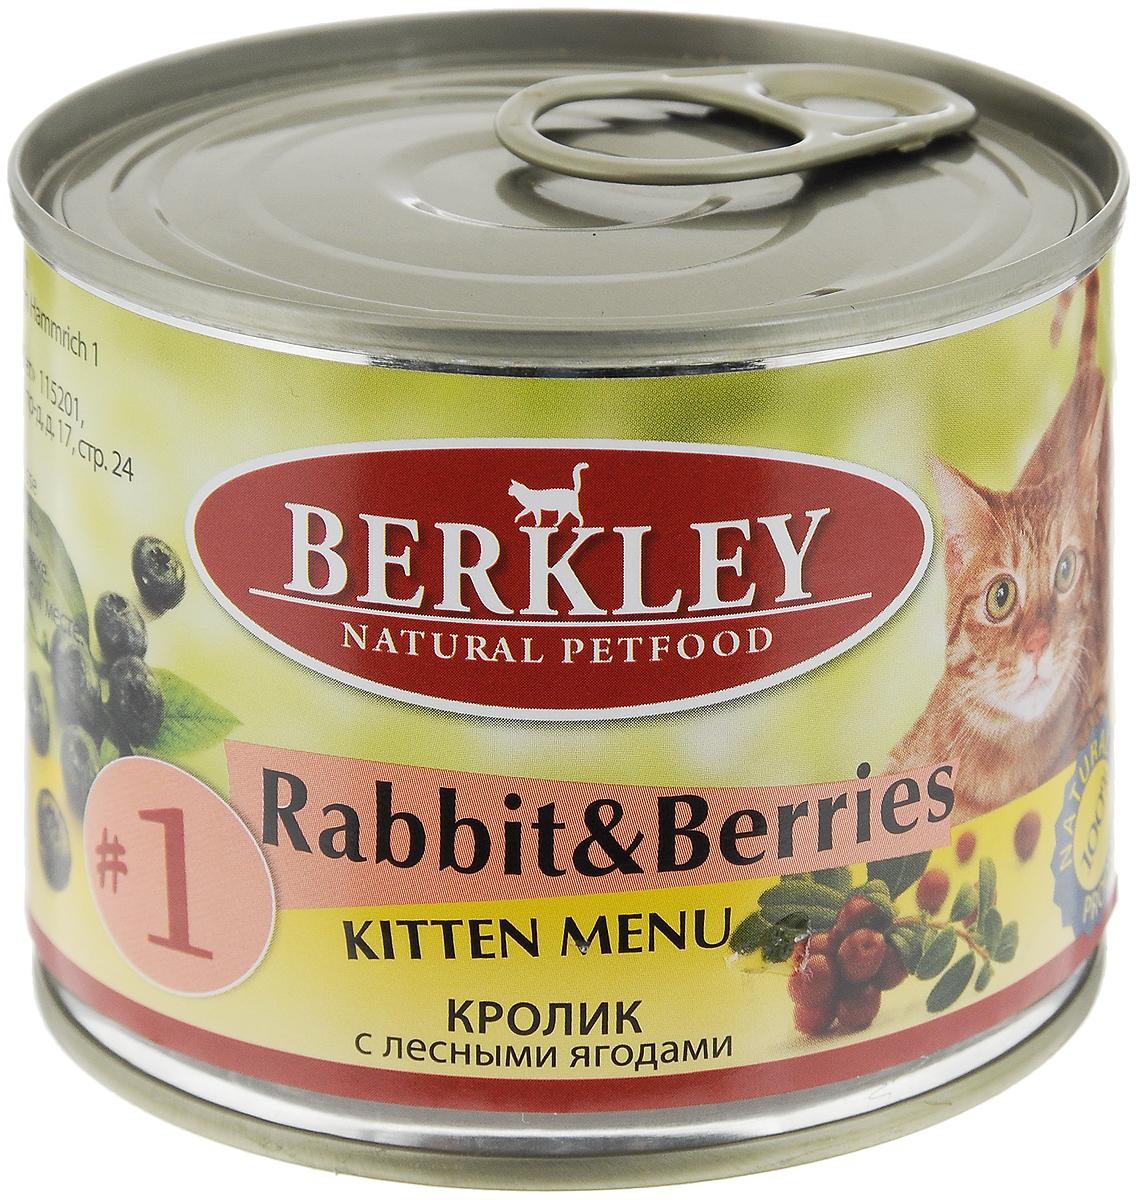 Консервы для котят Berkley №1, кролик с лесными ягодами, 200 г76496Berkley №1 - это полноценное консервированное питание для котят. Содержит нежное мясо кролика наилучшего качества с добавлением лесных ягод в ароматном бульоне. Консервы приготовлены исключительно из натурального сырья. Не содержат сои, искусственных красителей, ароматизаторов и консервантов. Товар сертифицирован.